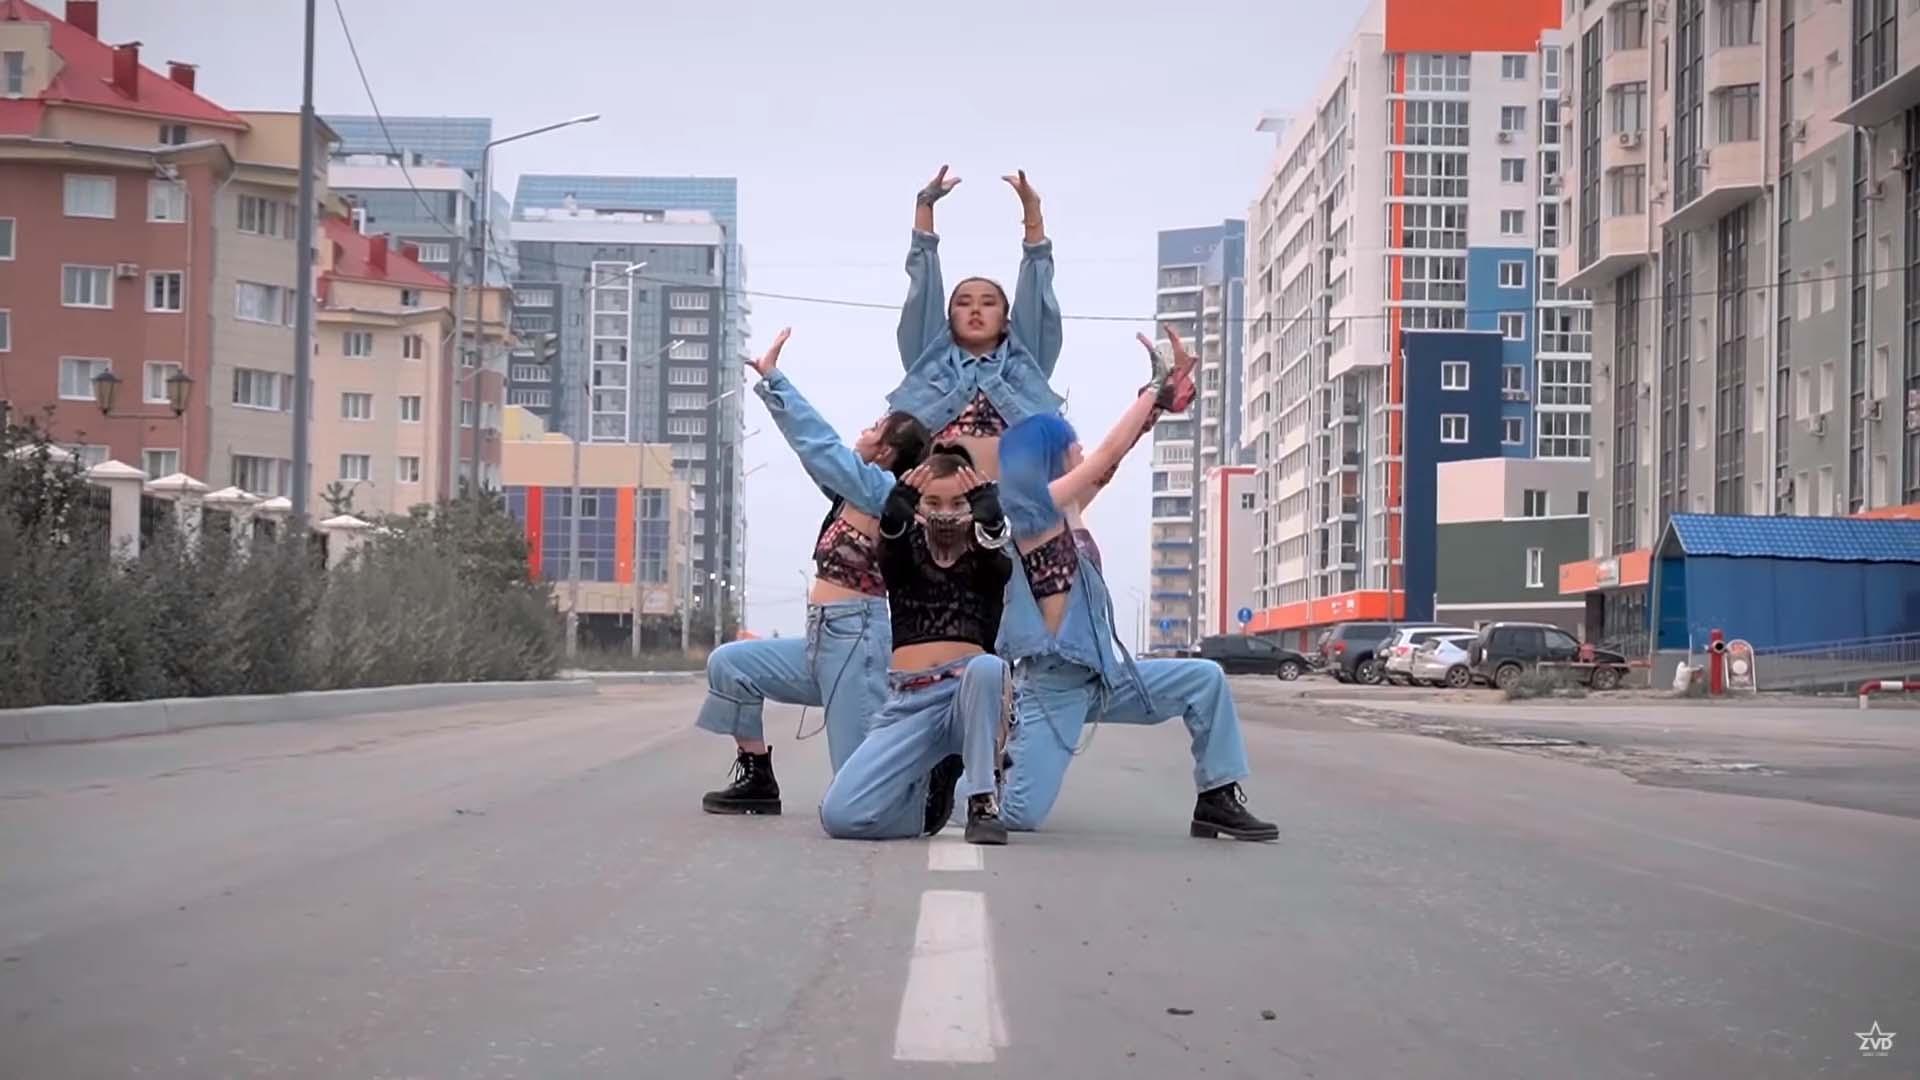 Якутская группа заняла второе место во всероссийском танцевальном конкурсе K-pop